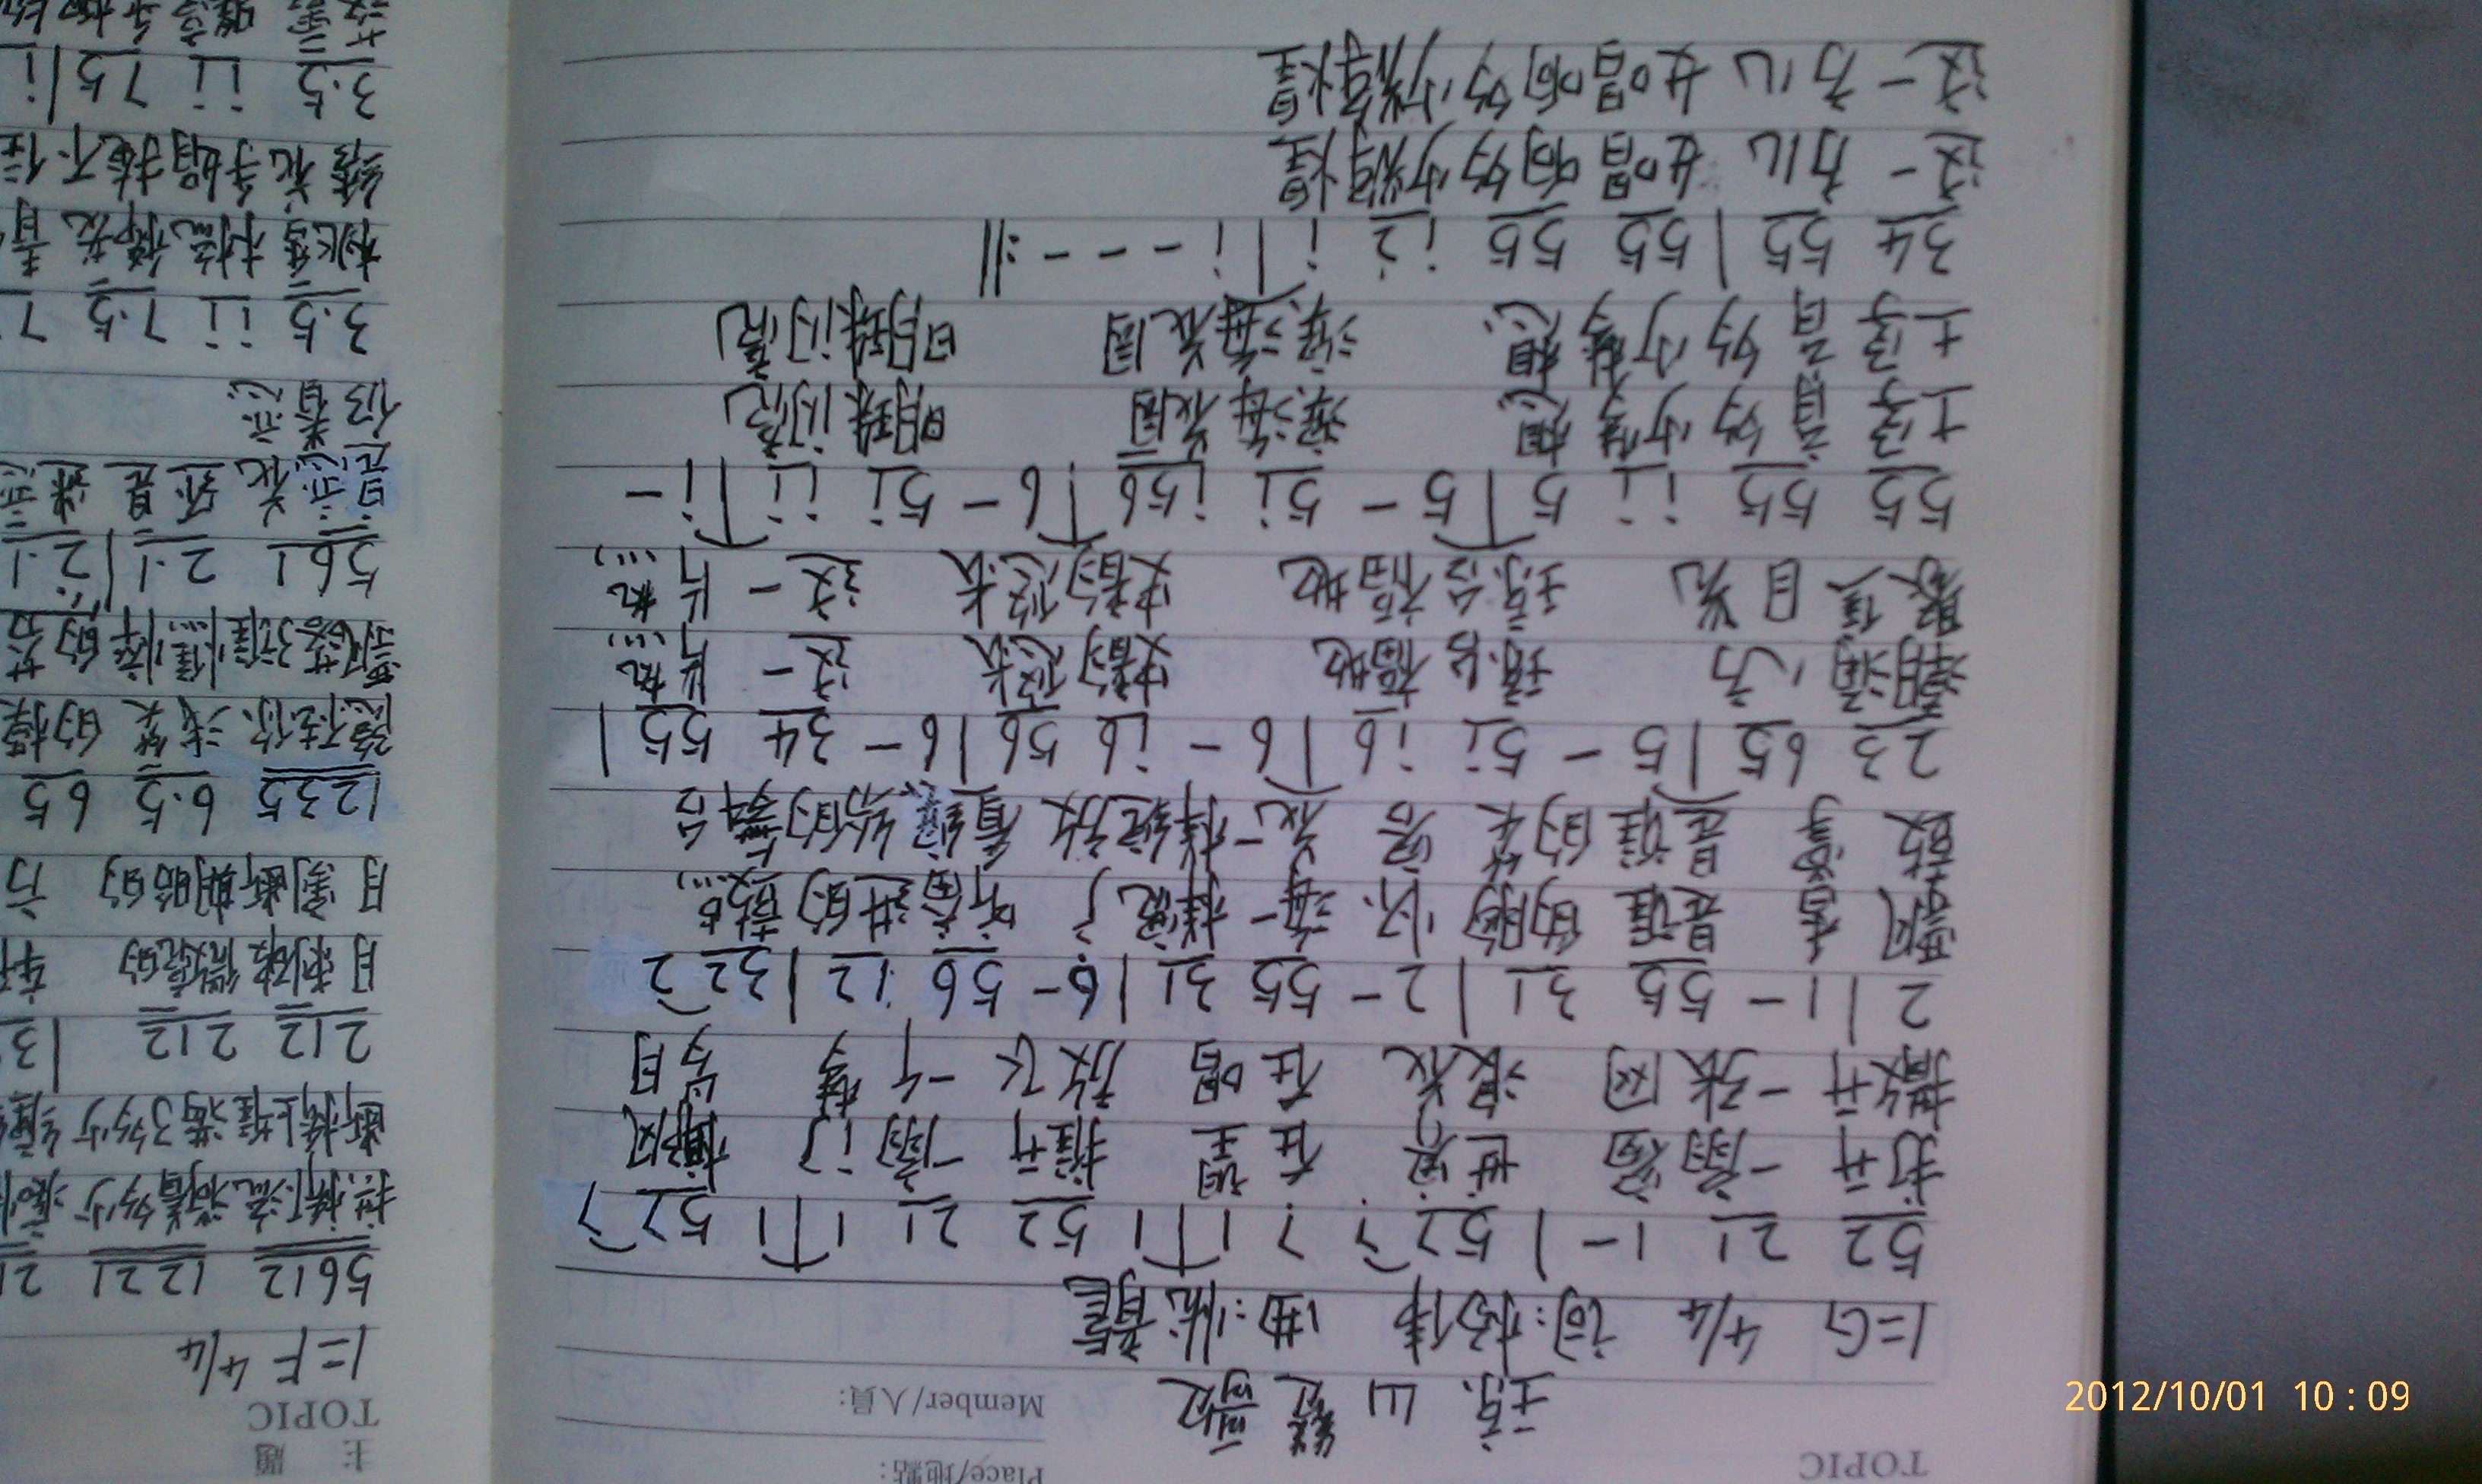 原创歌词 流行 琼山赞歌 曲谱 Powered by Discuz